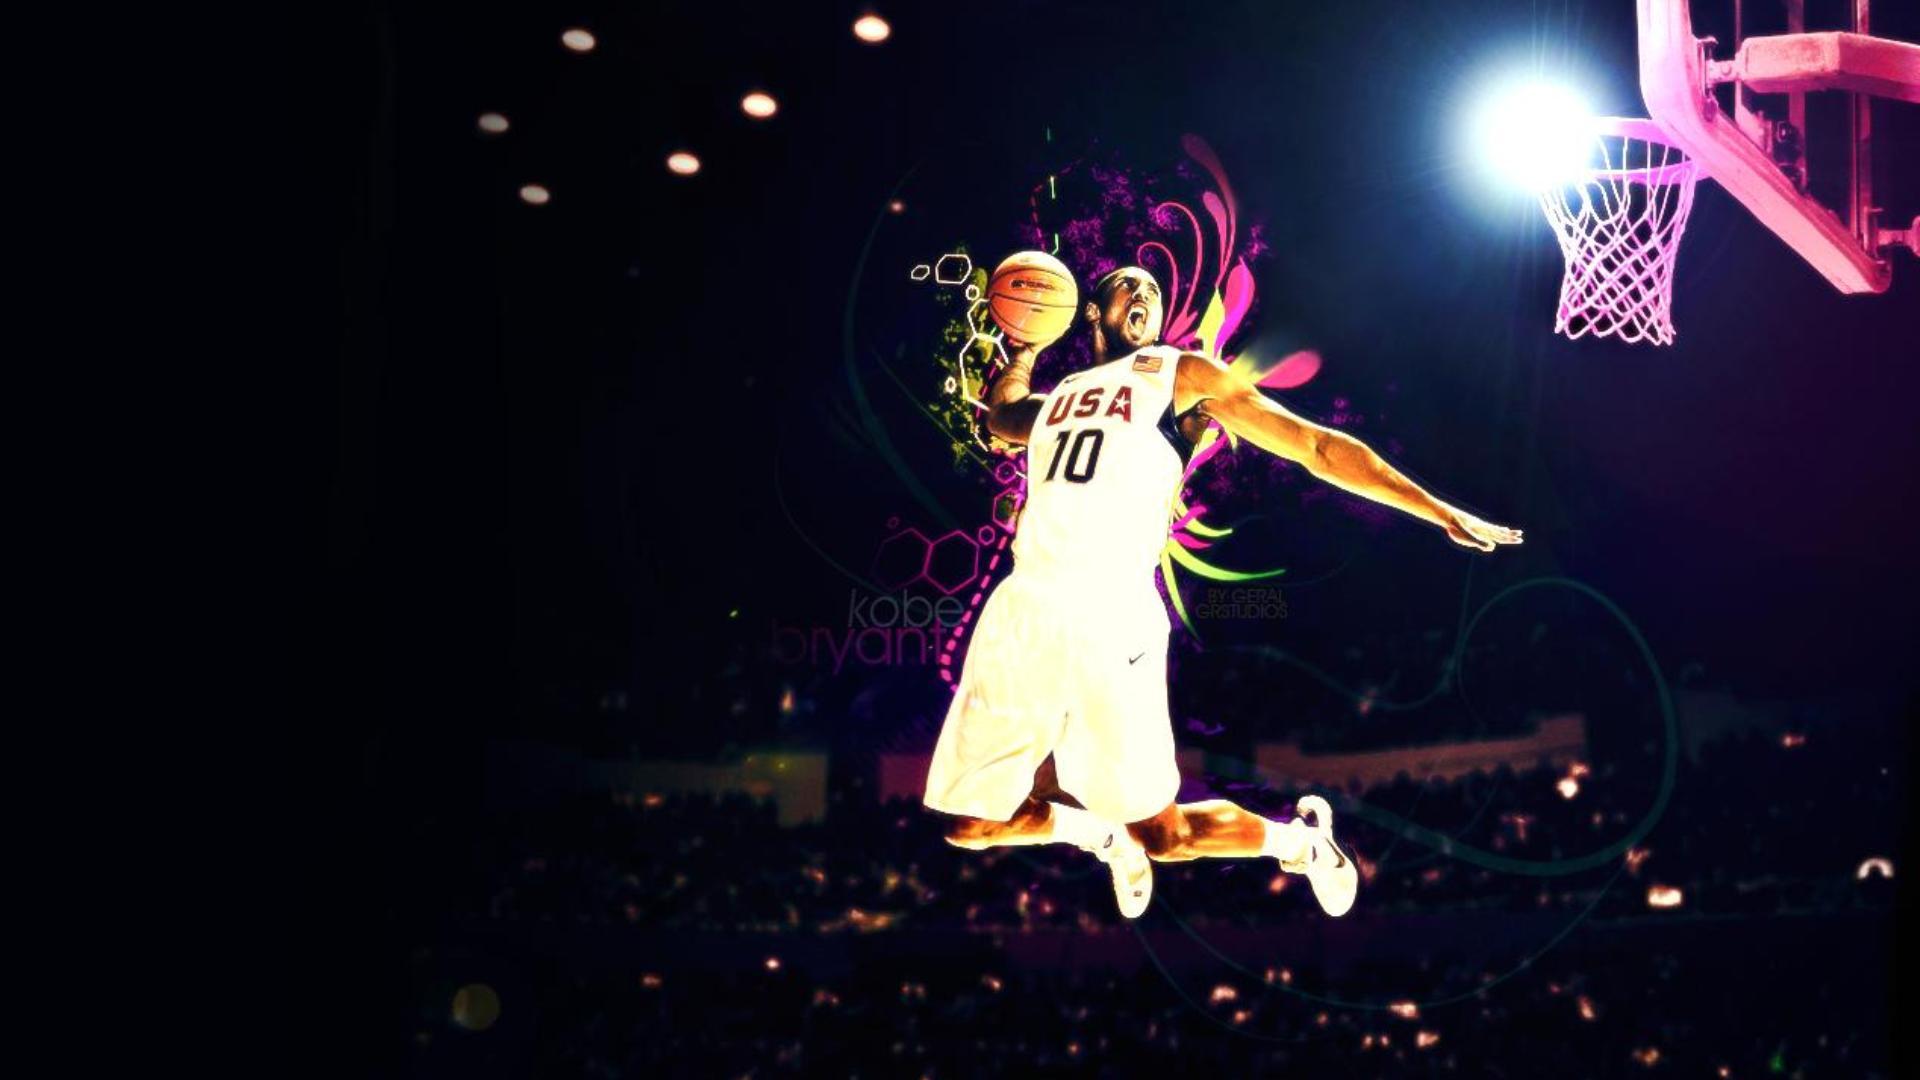 Kobe Bryant Dunk Wallpaper Hd Wallpapersafari